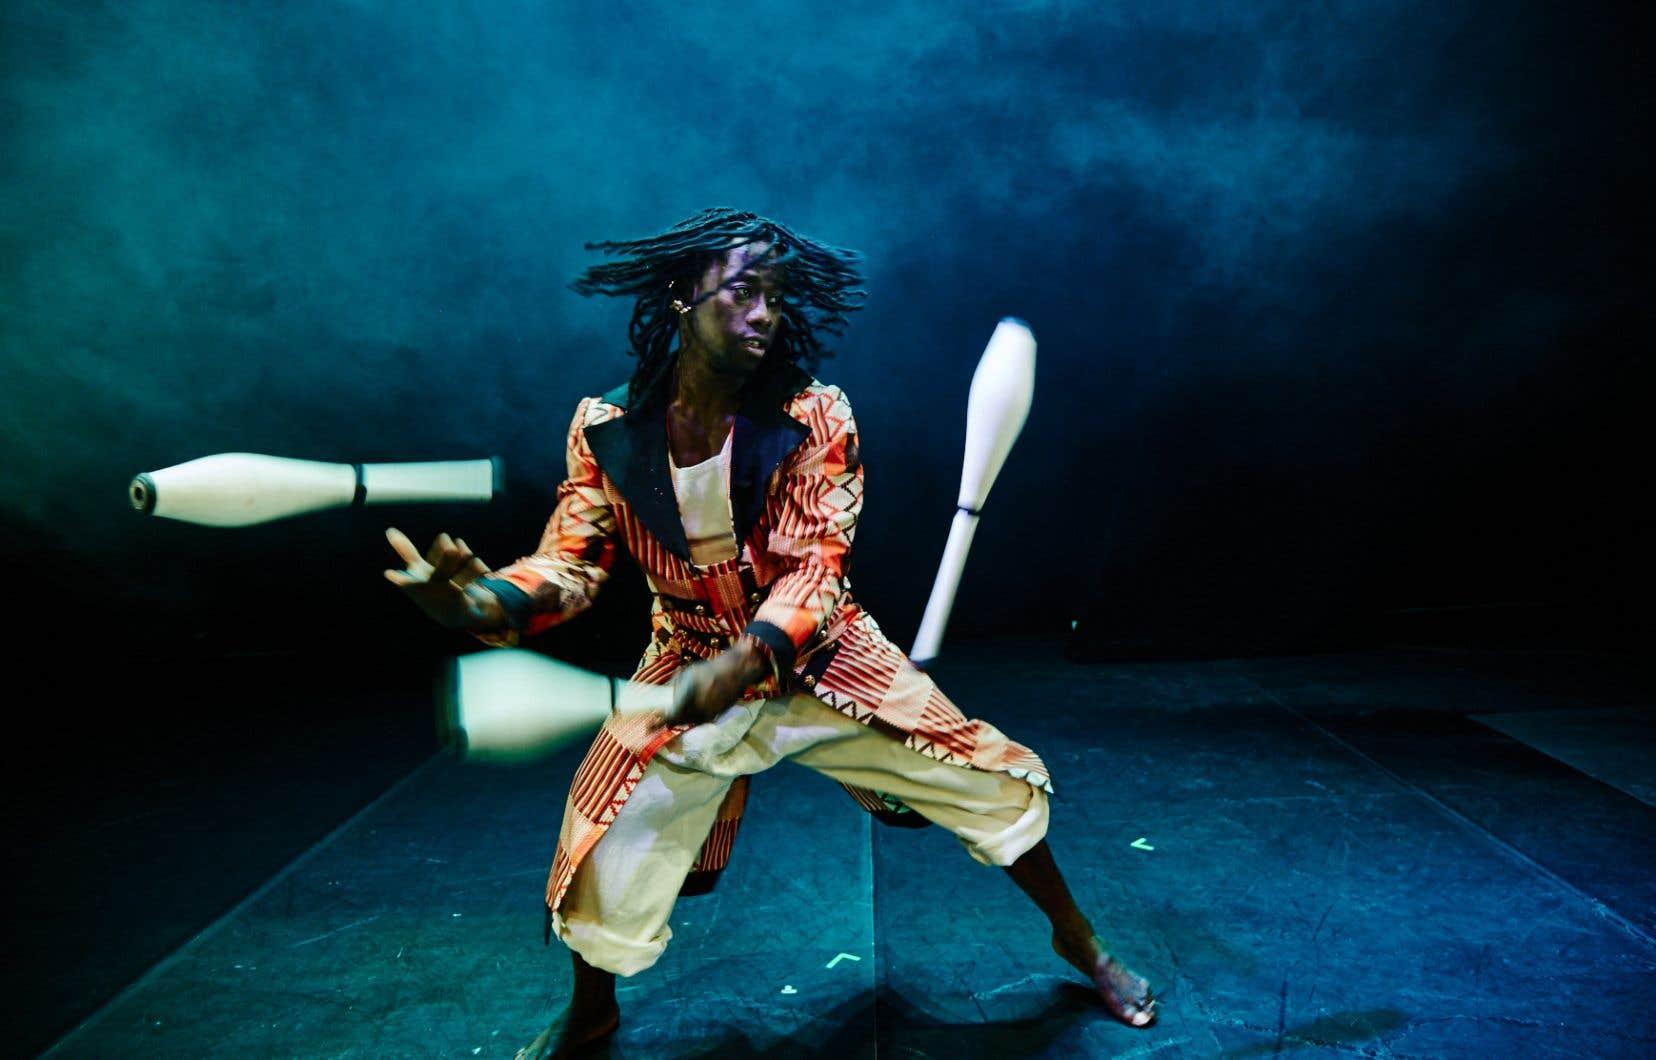 Le Cabaret Yam! sera présenté à la Tohu du 8 au 18 juillet dans le cadre de Montréal complètement cirque.